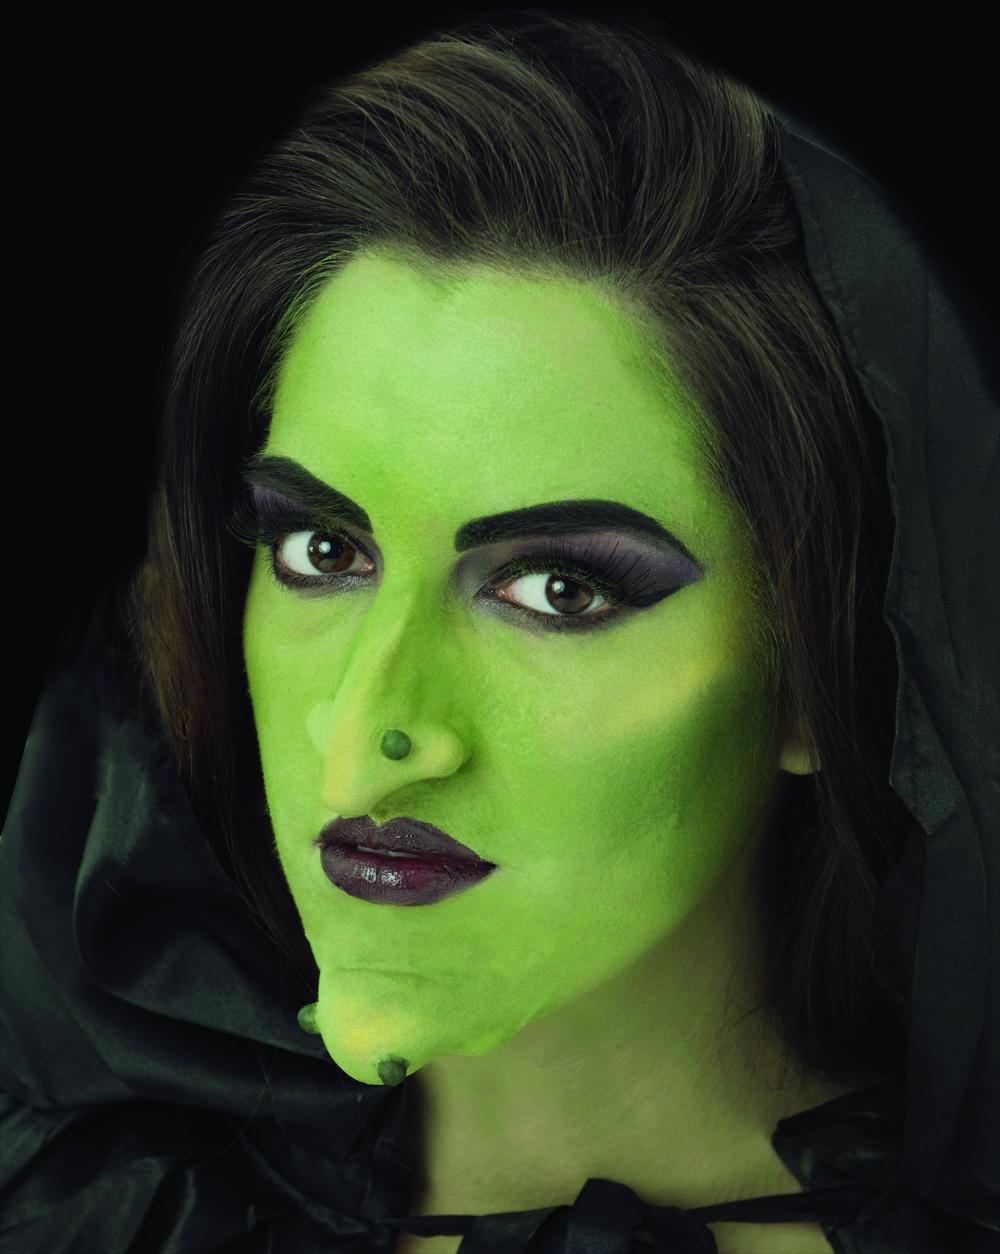 ערכת מכשפה ירוקה